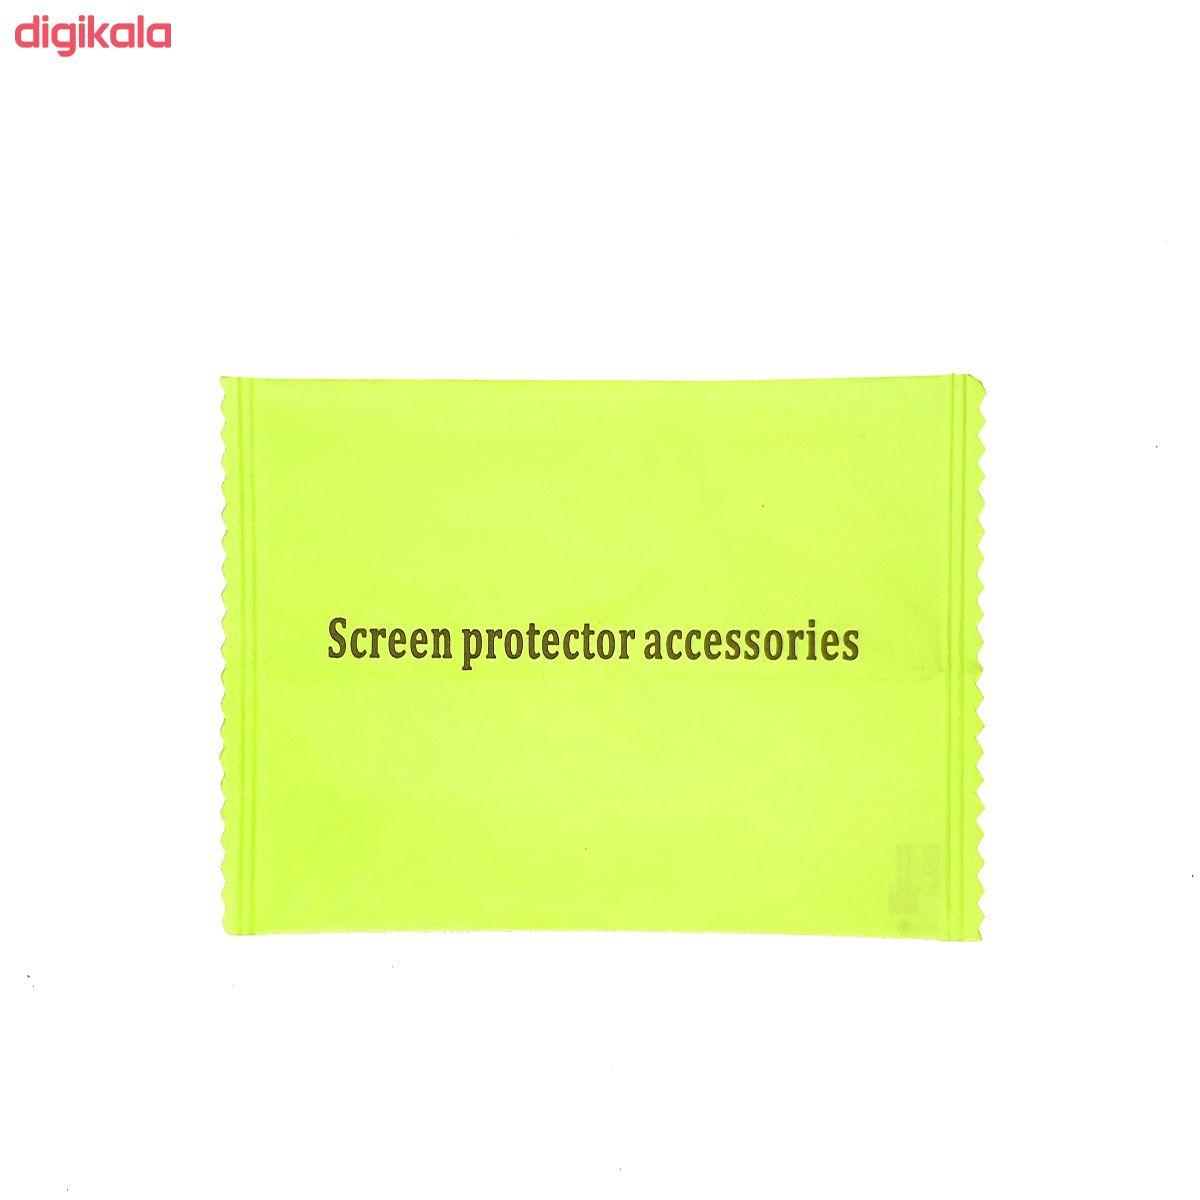 محافظ صفحه نمایش سرامیکی مدل FLCRG01pr مناسب برای گوشی موبایل سامسونگ Galaxy A31 main 1 1